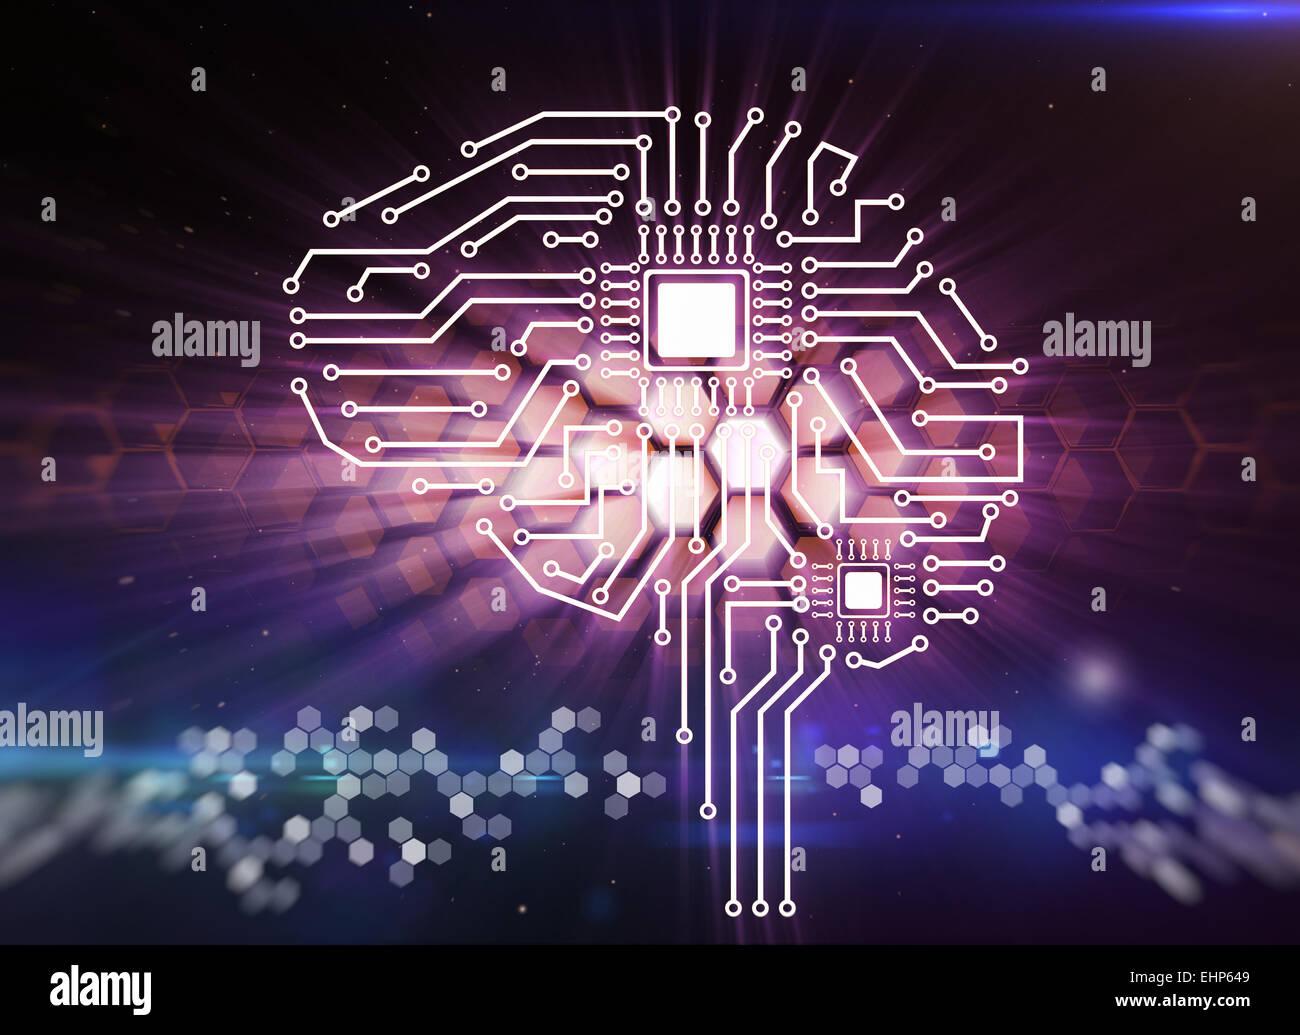 Placa de circuitos de computadora en la forma del cerebro humano Imagen De Stock